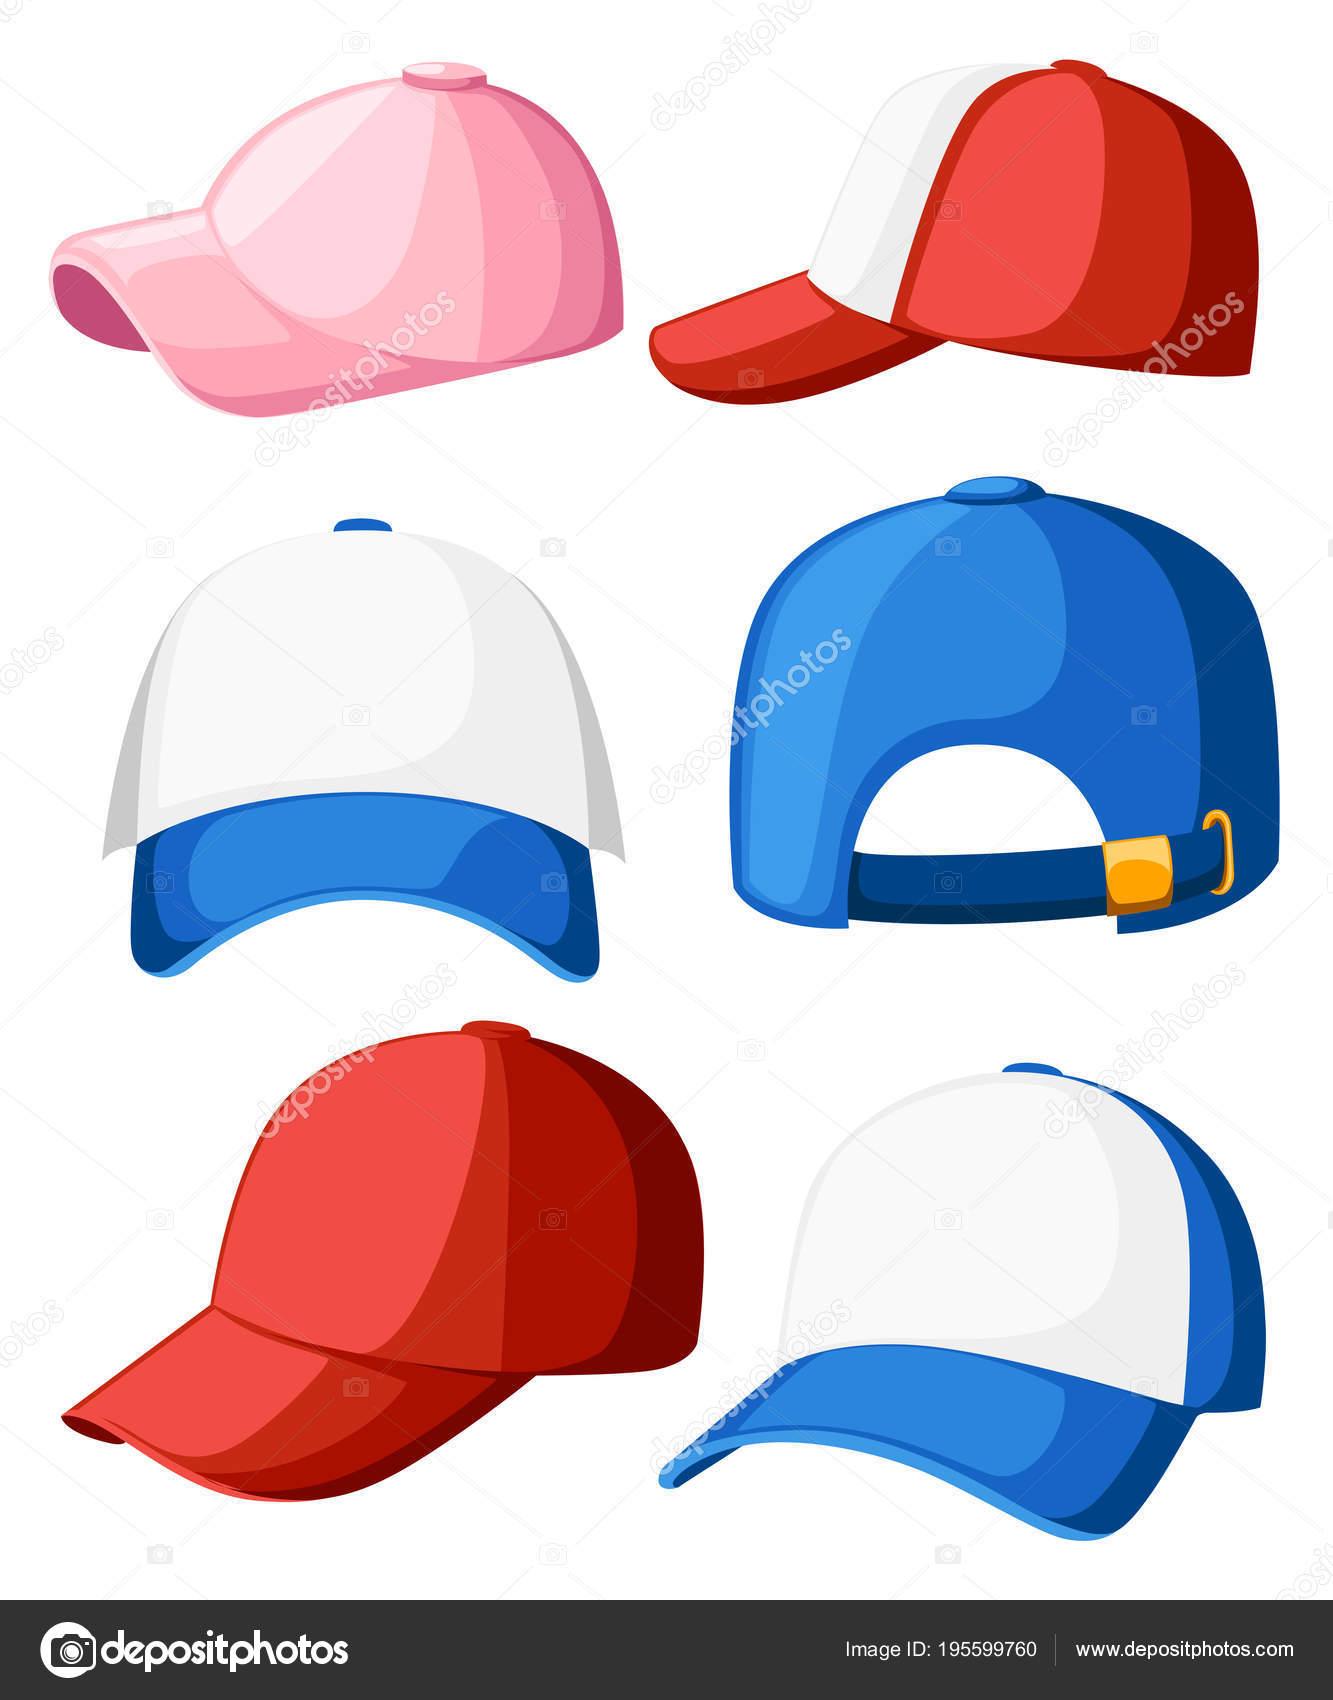 e9df8db20c28 Dibujos: diseño de gorras con animados | Gorra de béisbol. Colección ...